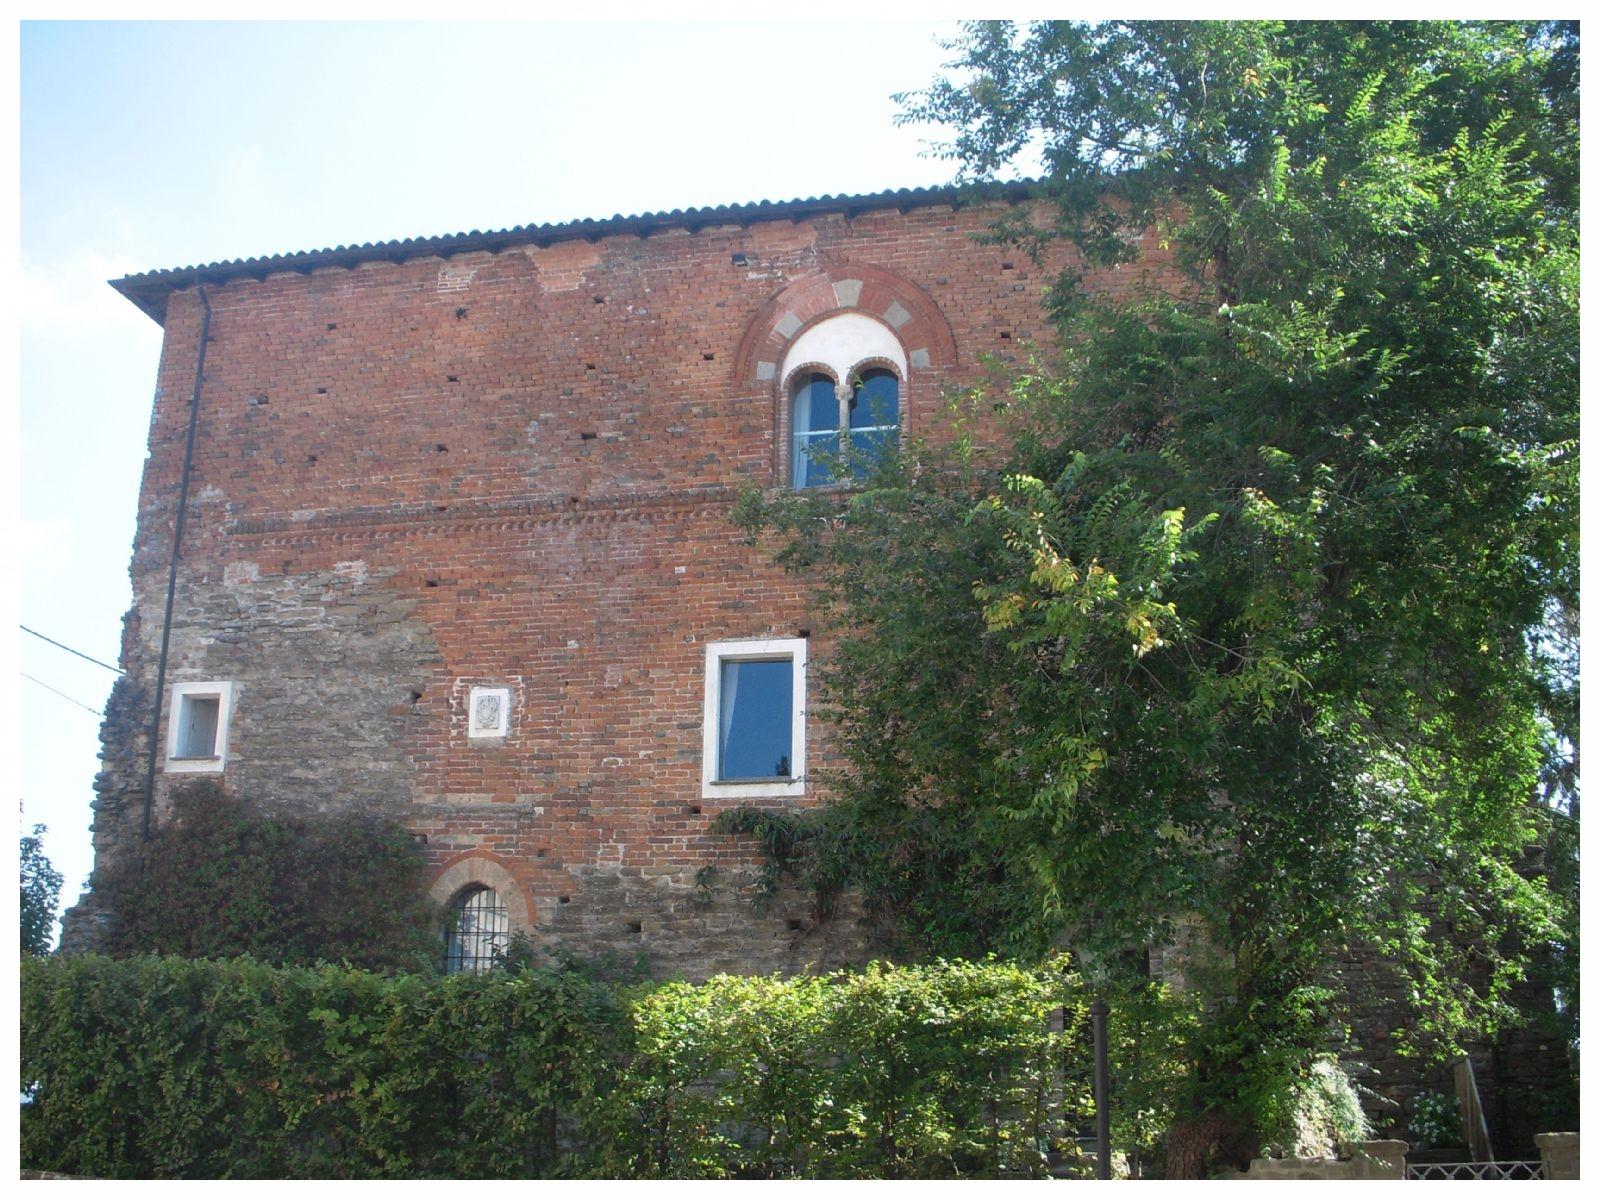 rocca cigliè piemonte castello langhe roero turismo.jpeg